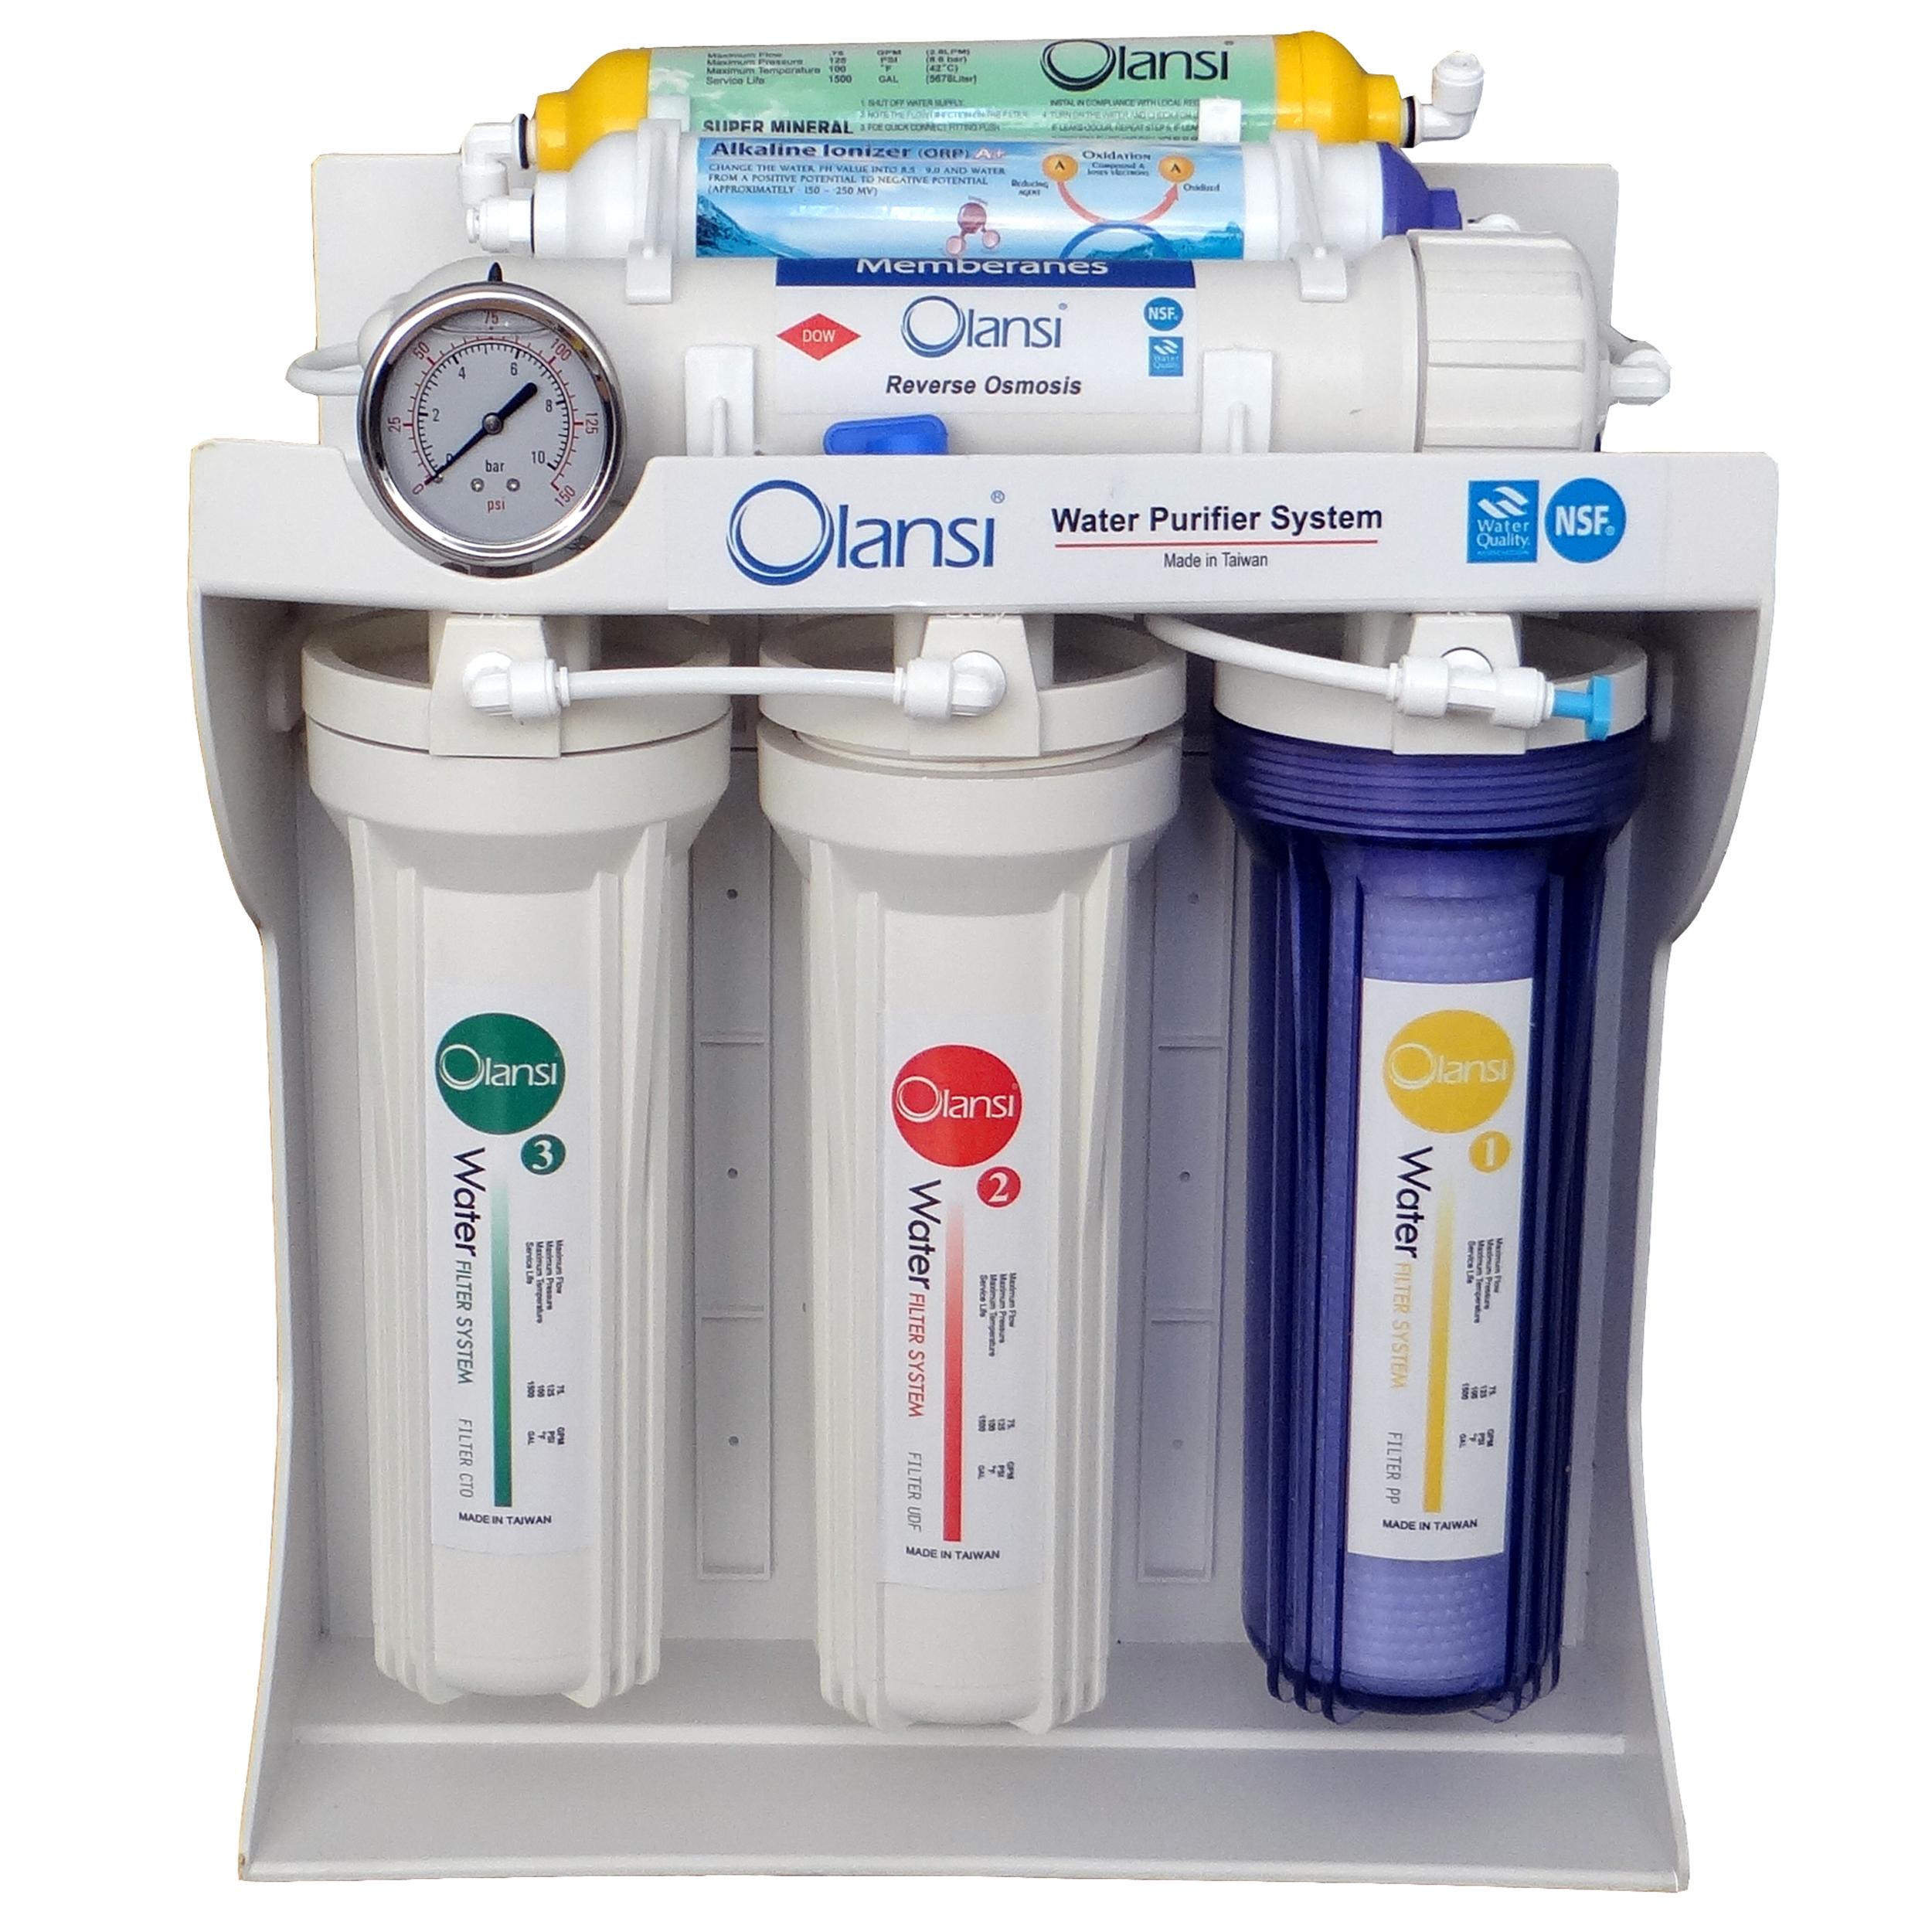 دستگاه تصفیه کننده آب خانگی اولانسی مدل RO-A1320